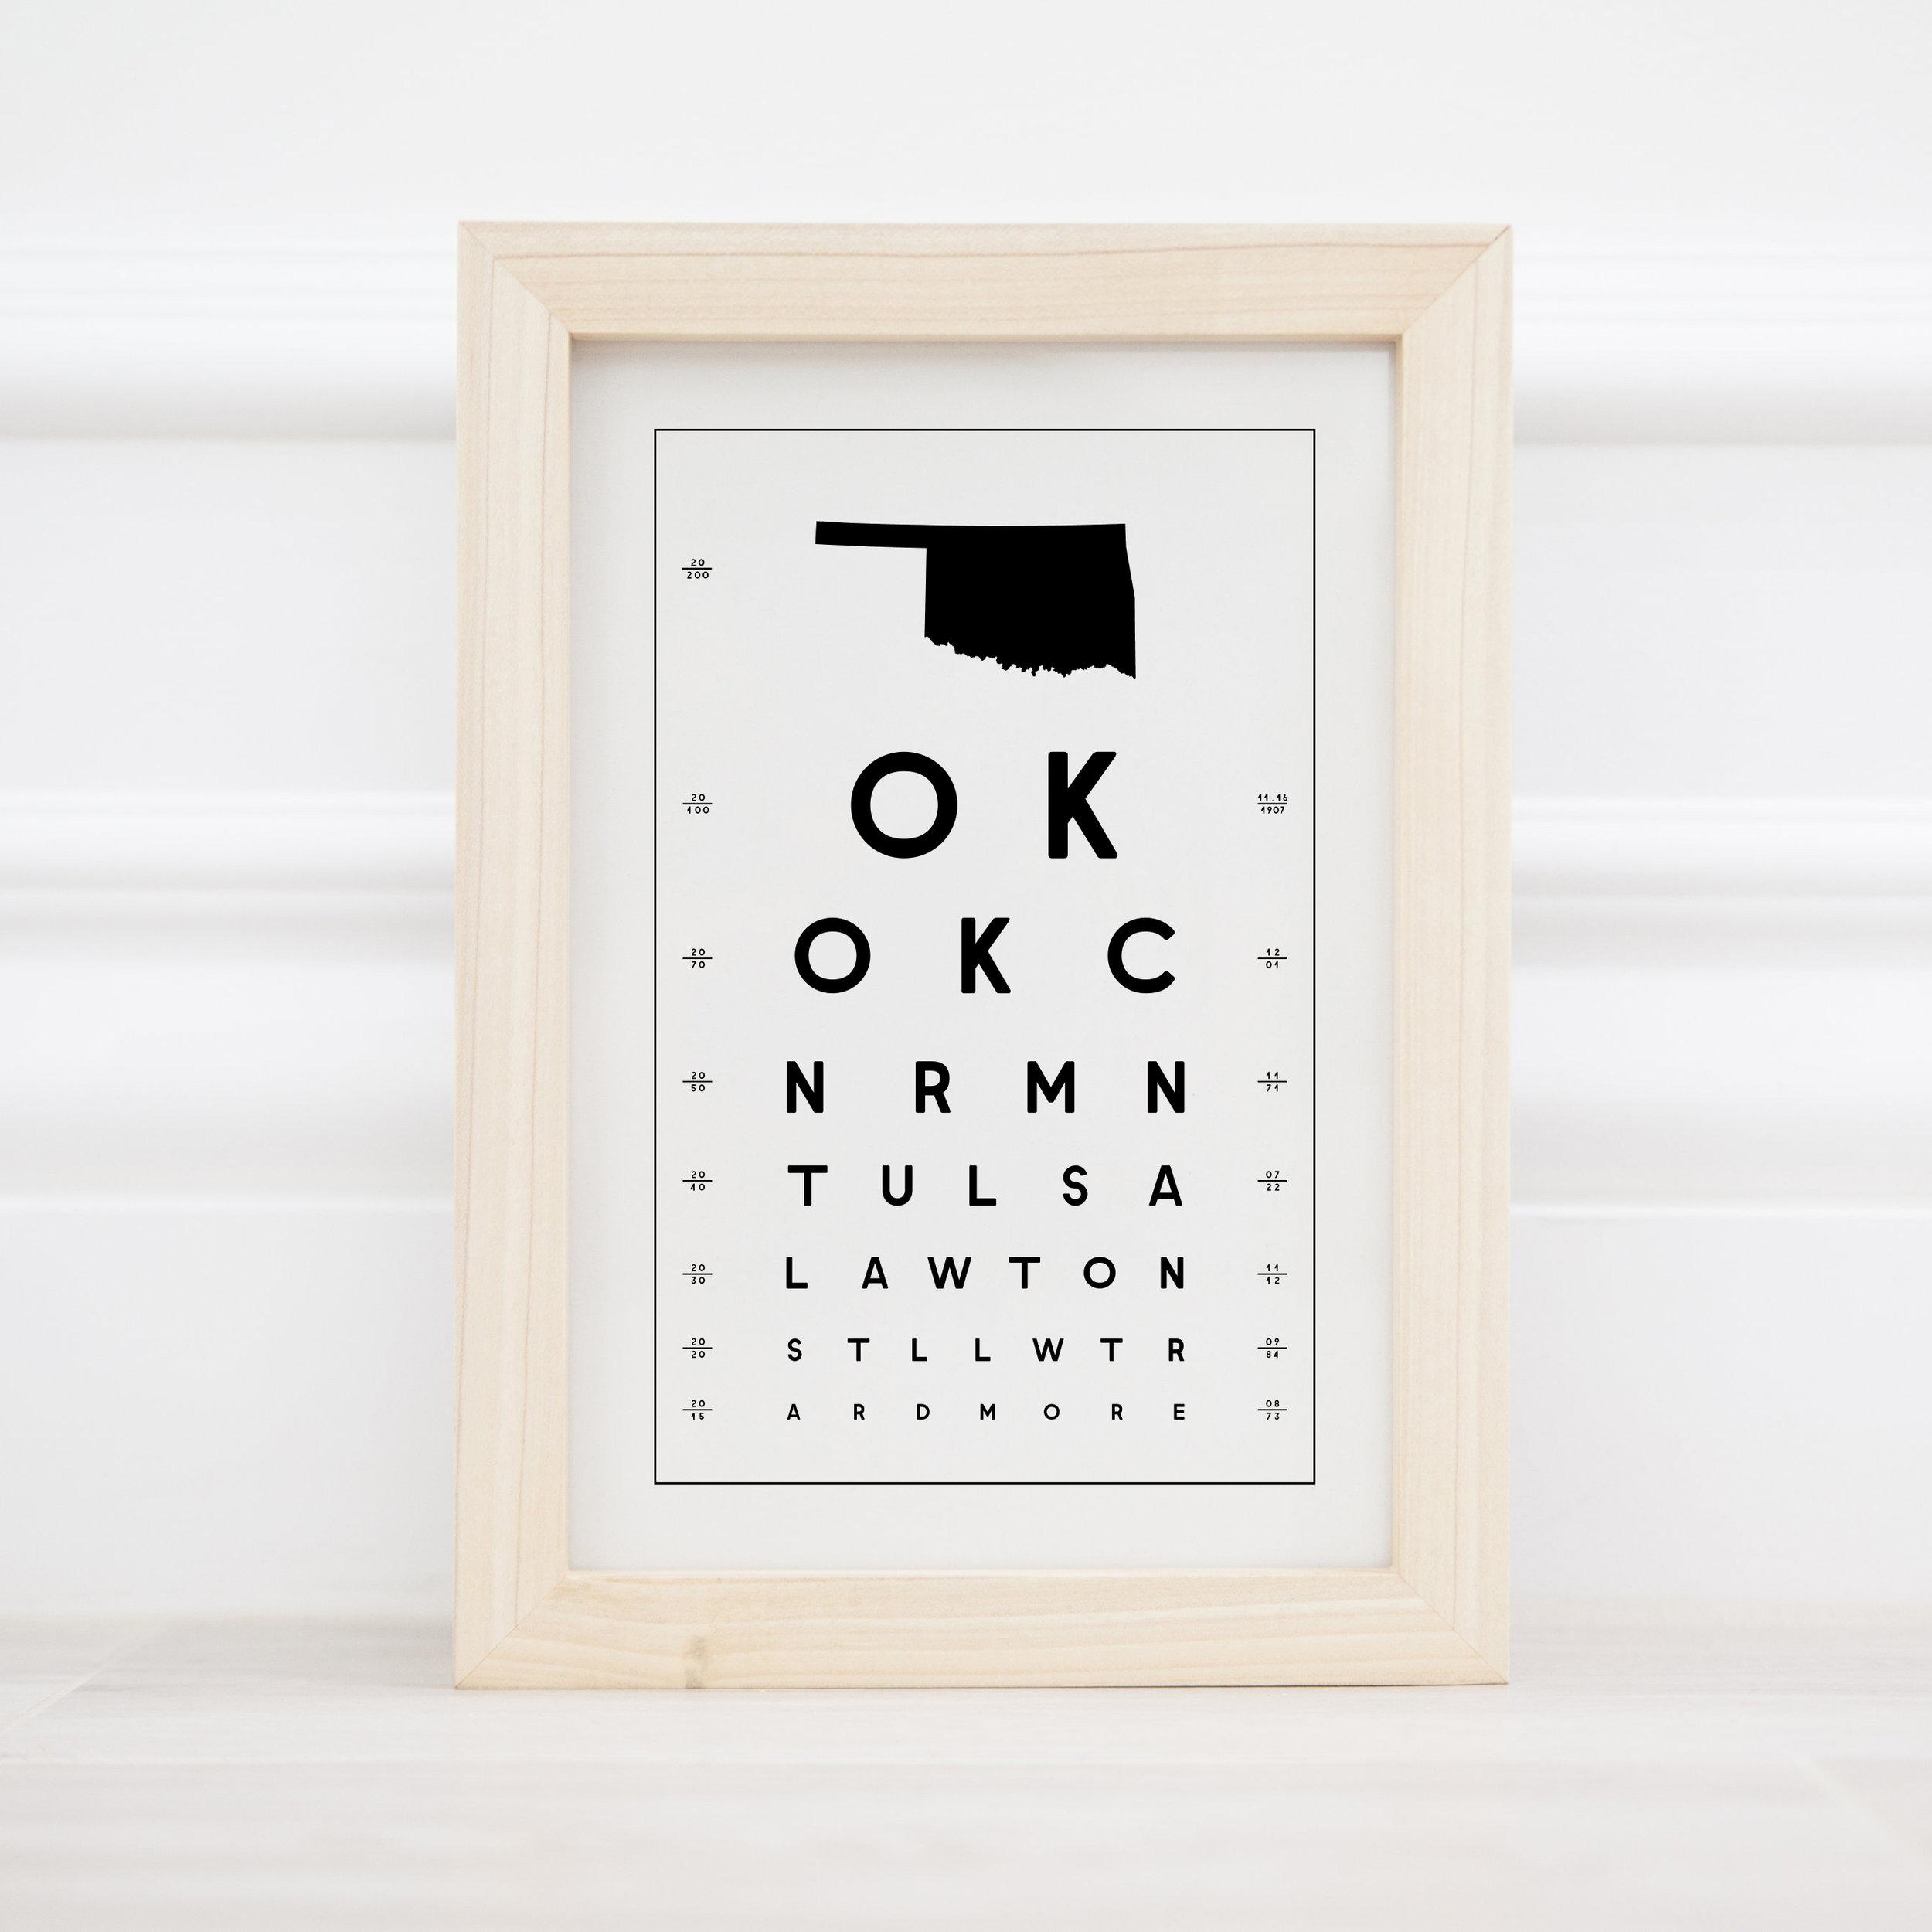 OK Framed1-1.jpg